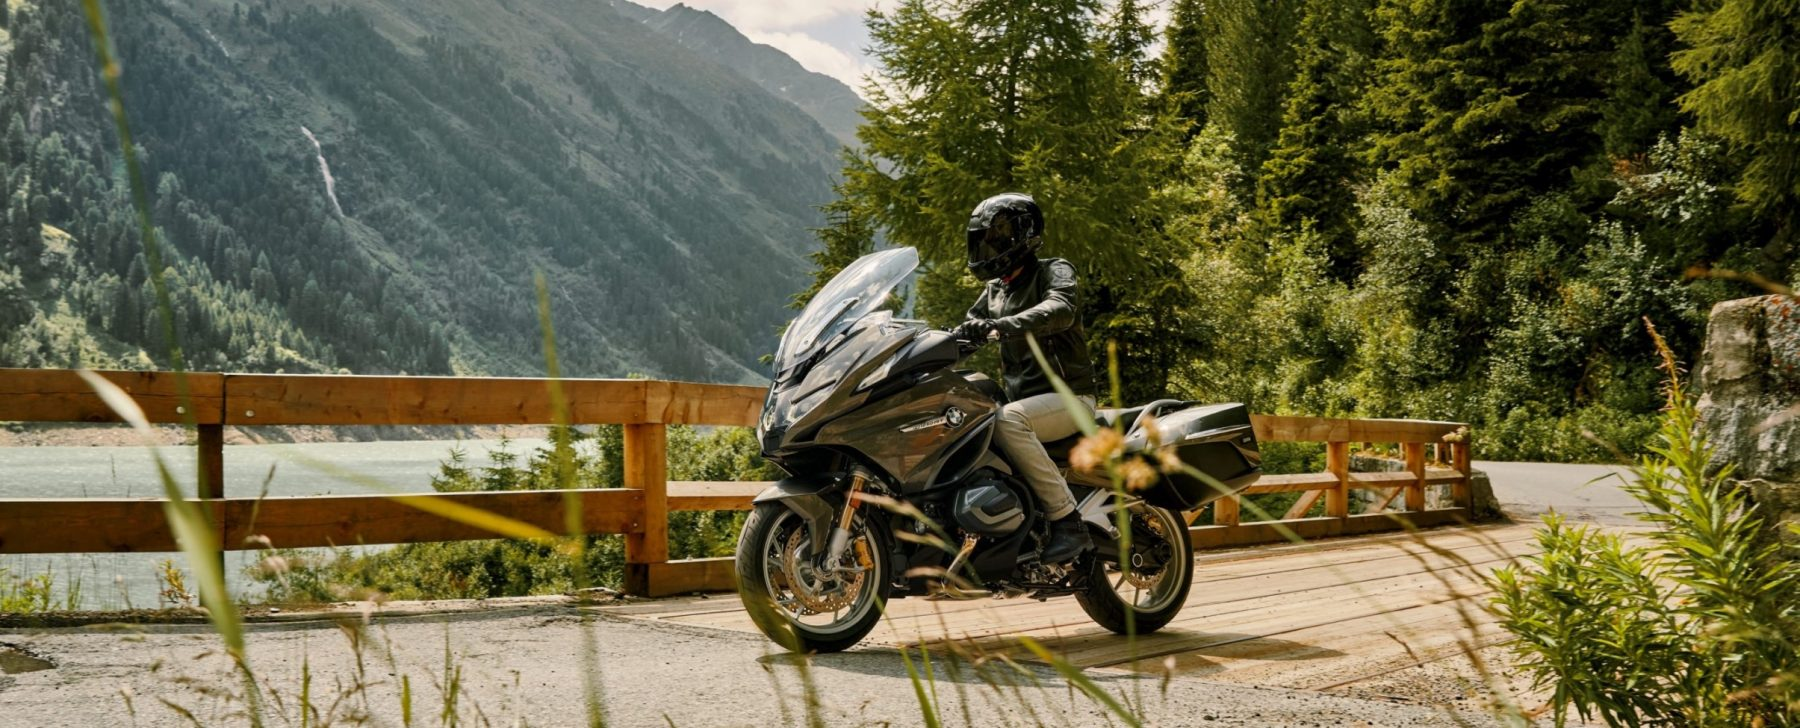 BMW R 1250 RT: una moto grande para viajes grandes